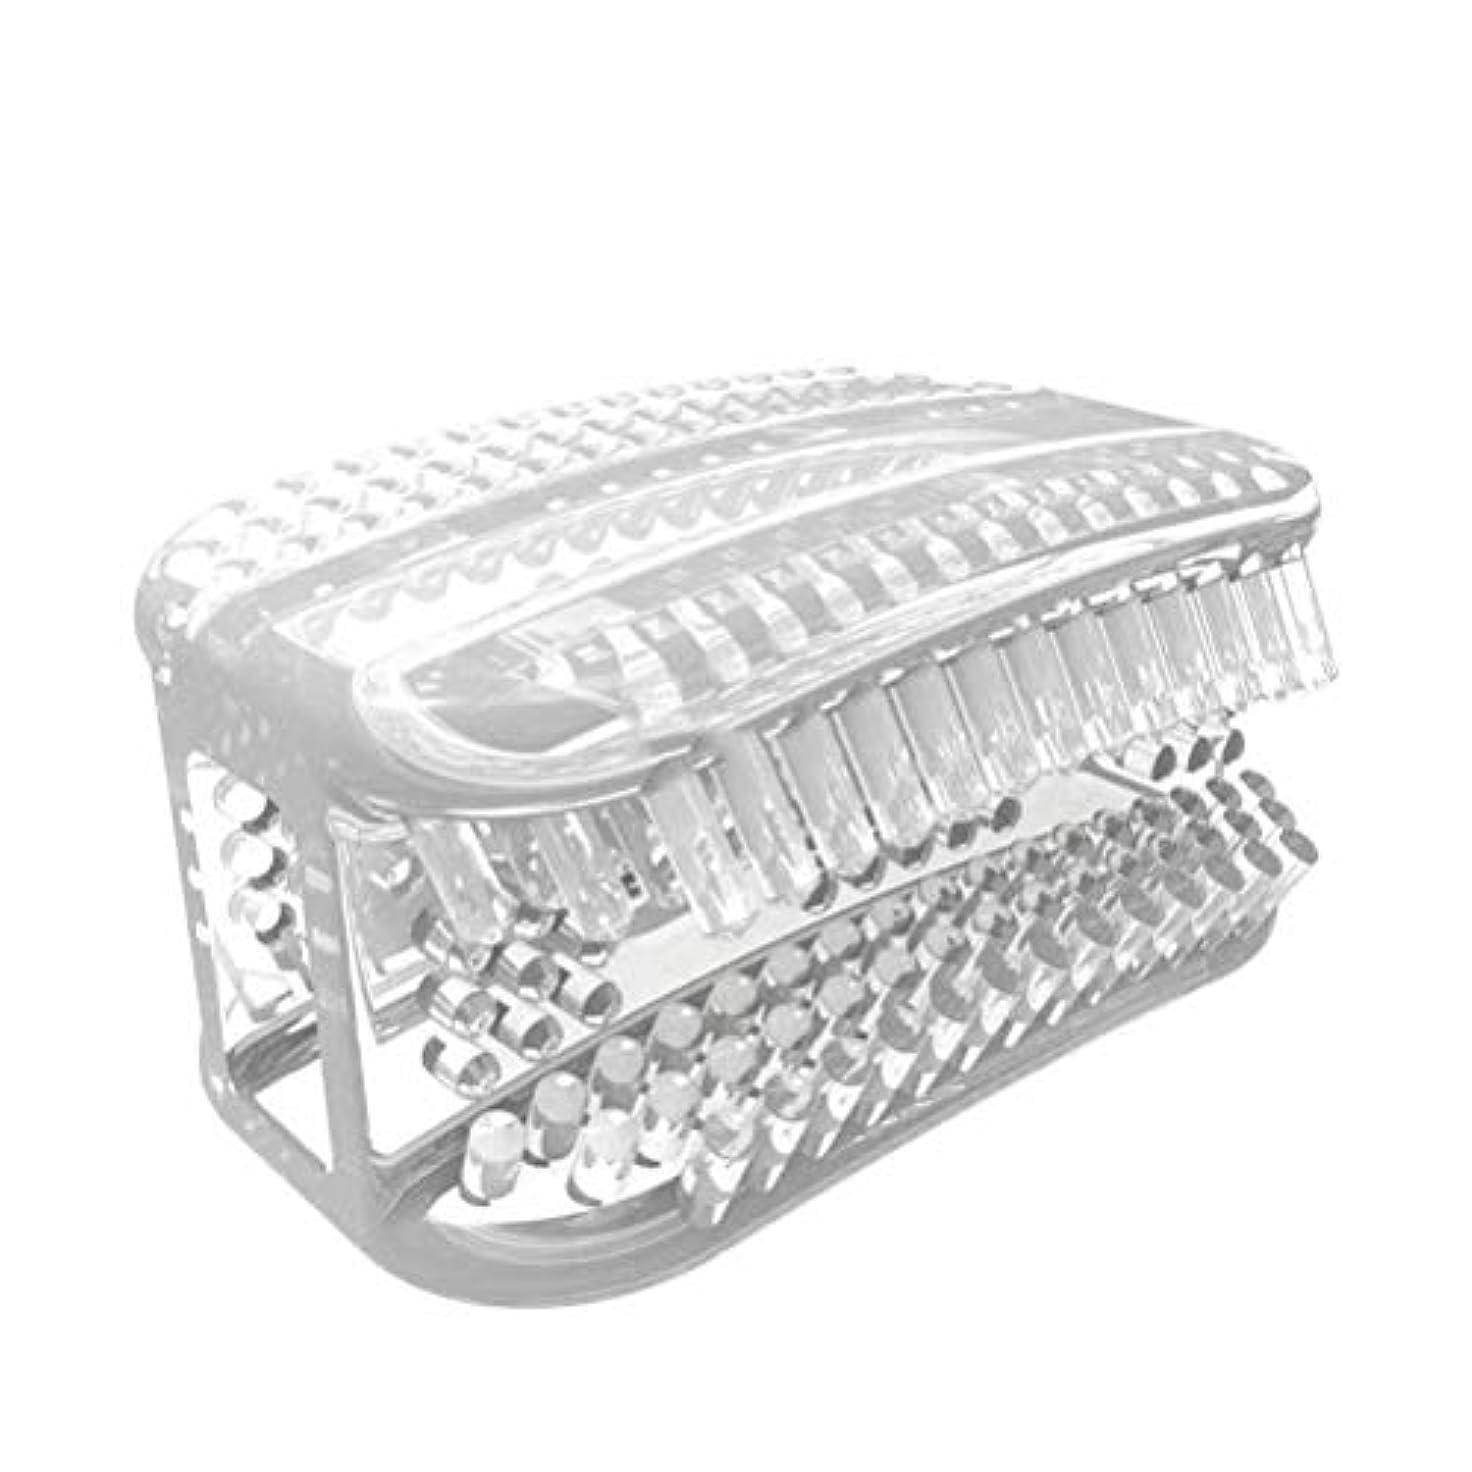 ファイターパラシュートワーカーHealifty 便利な歯ブラシ怠惰な咀嚼ポータブルミニホワイトニング歯ブラシ歯のクリーニングツール(透明ホワイト)